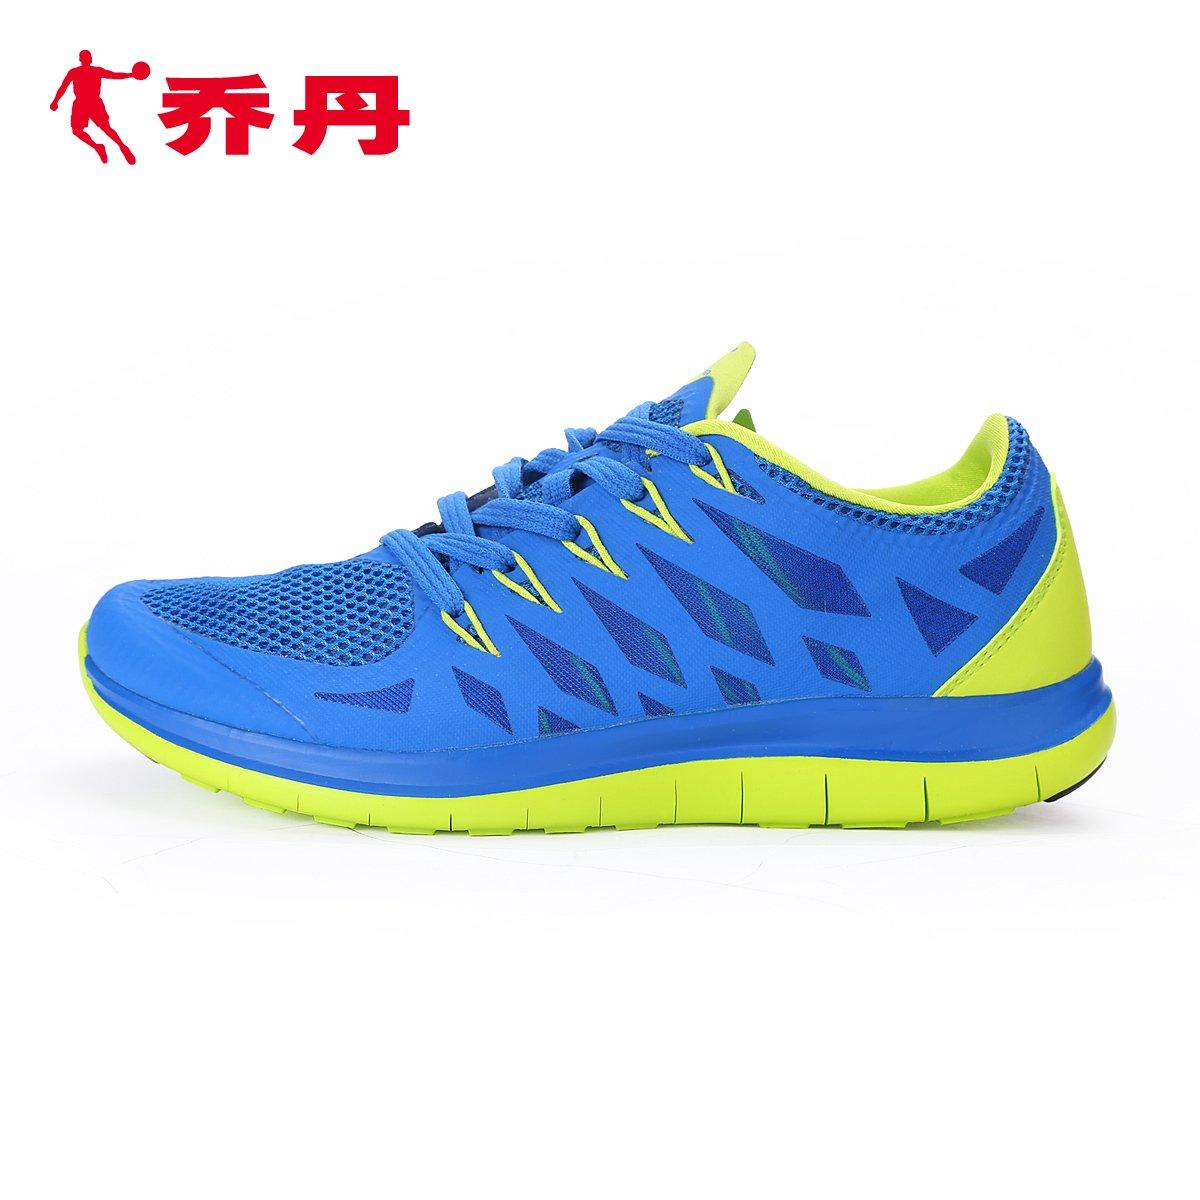 乔丹正品男士运动鞋跑步鞋男鞋透气网面休闲轻便慢跑鞋XM2550290